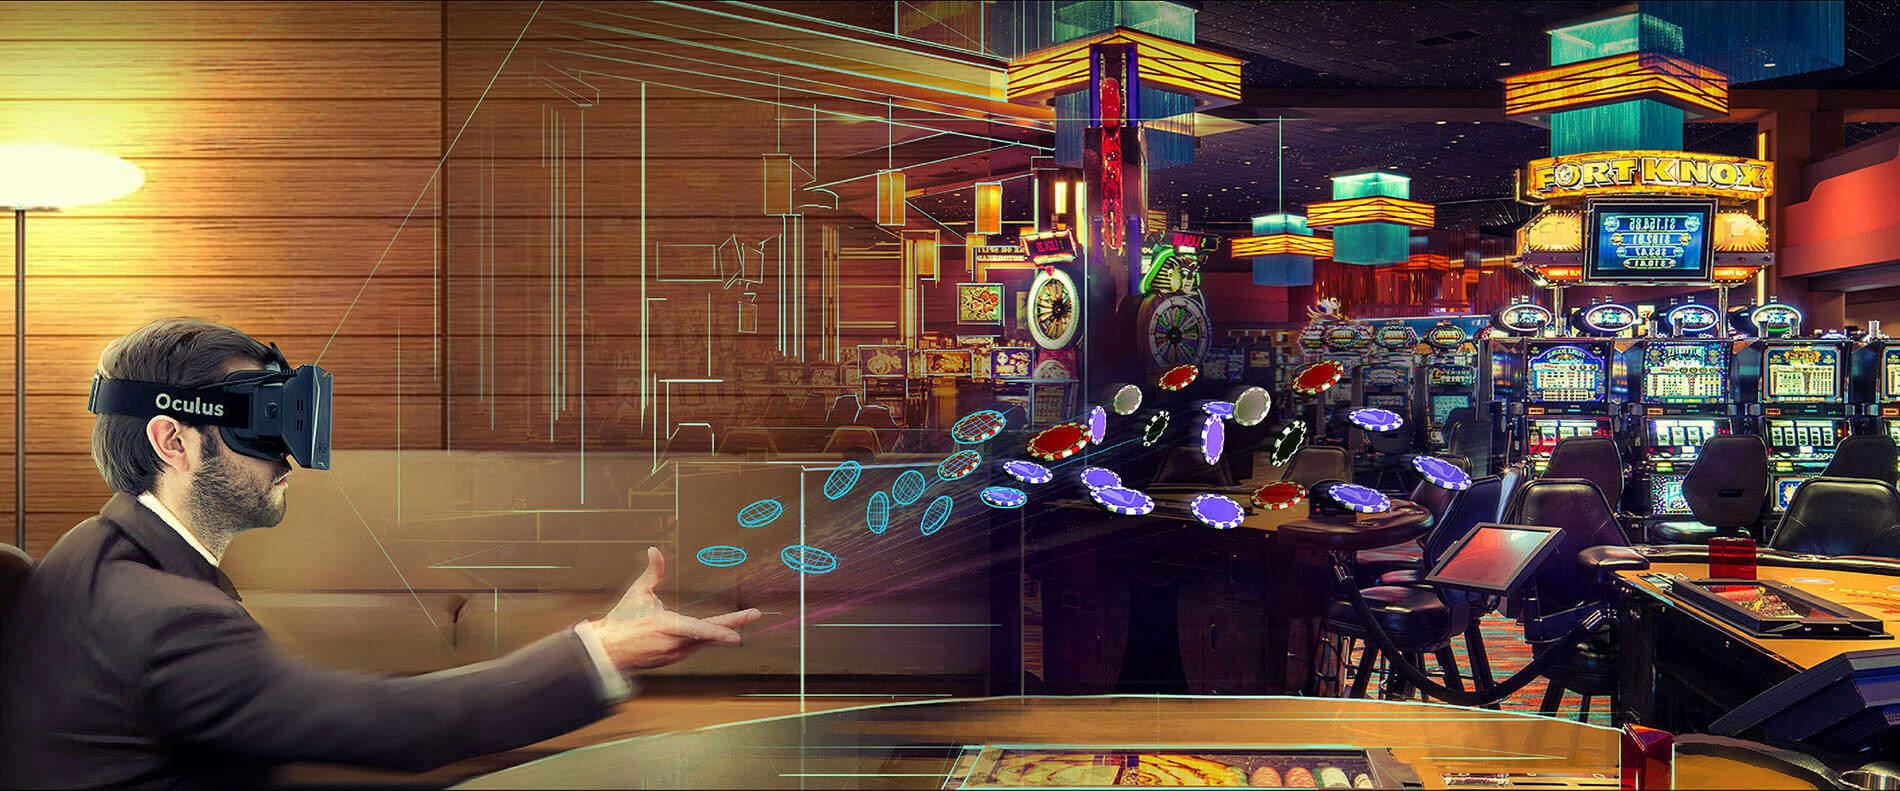 Unibet Open hostí pokerový turnaj přes virtuální realitu